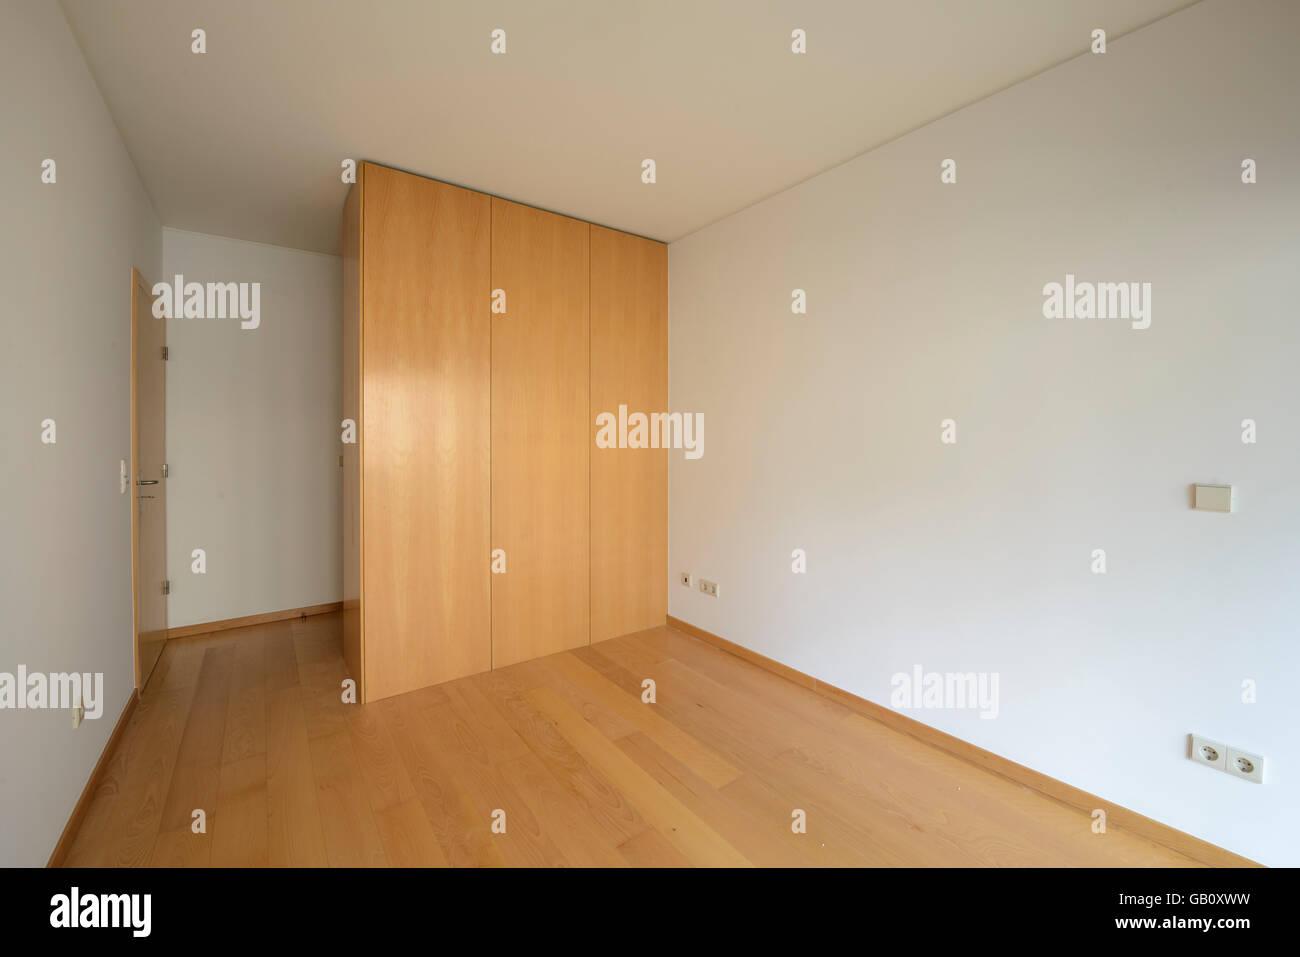 Empty Bedroom With Big Closet Stock Photo 110044533 Alamy